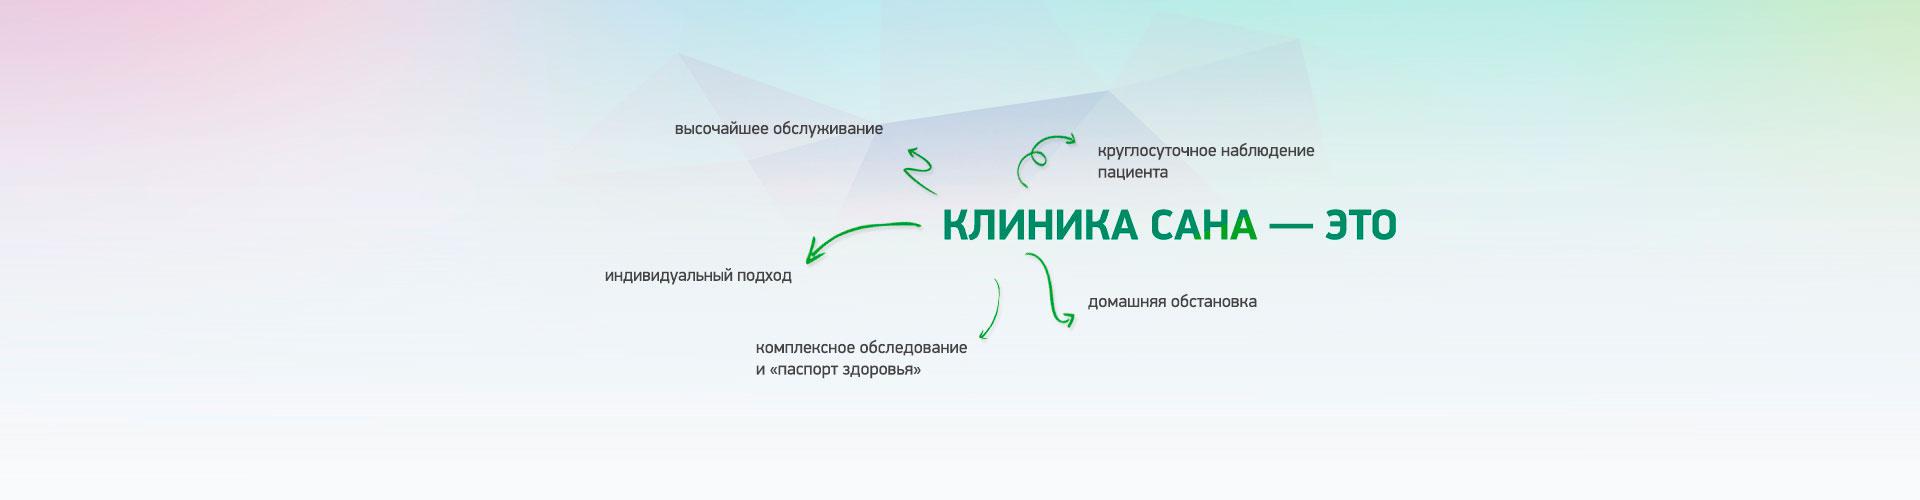 Медицинская книжка ипаспорт здоровья в москве